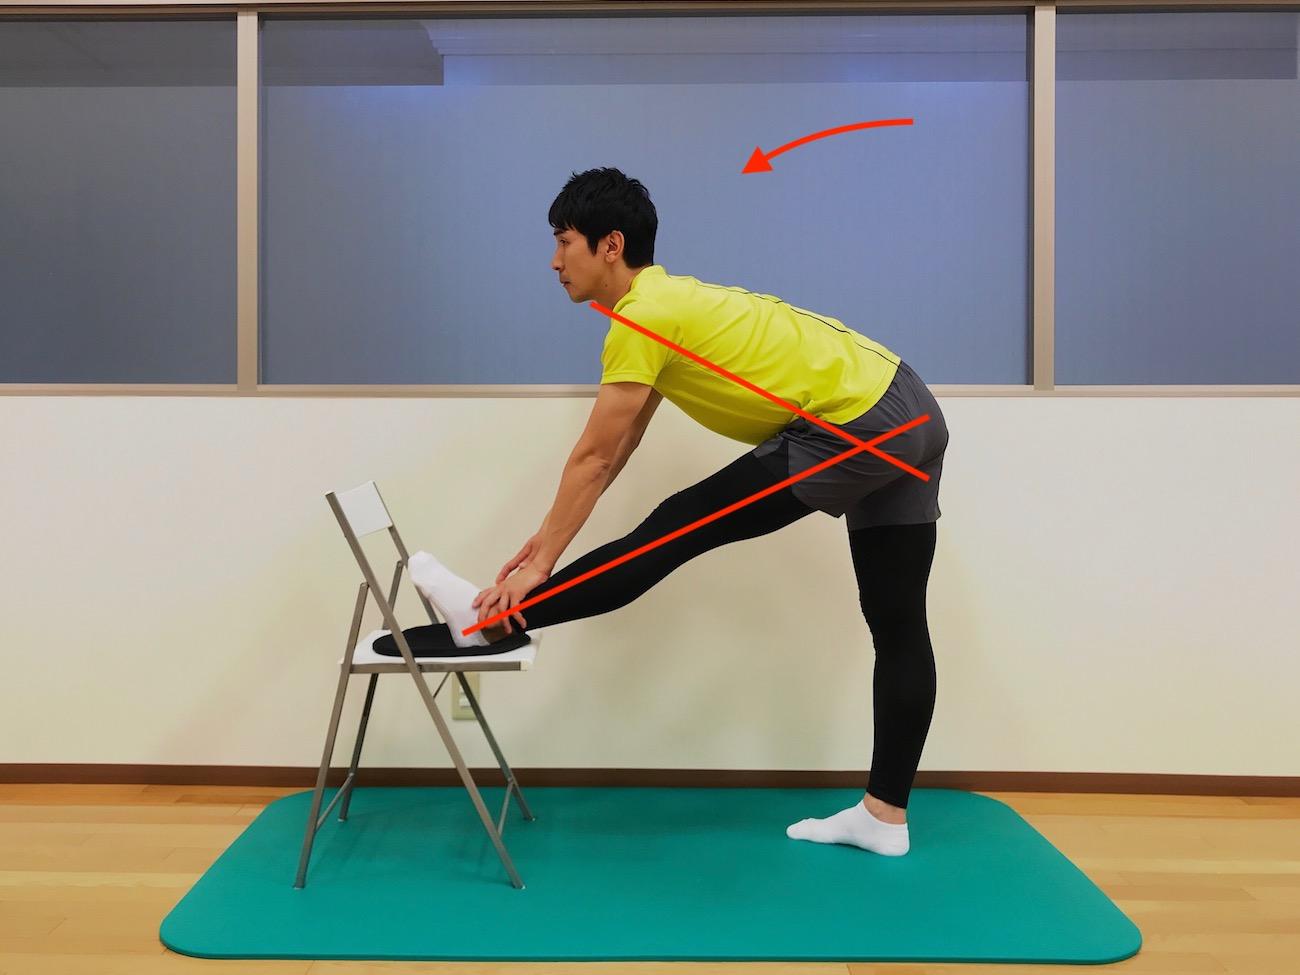 椅子に脚をかけて行うもも裏の筋肉(ハムストリングス)のストレッチの方法